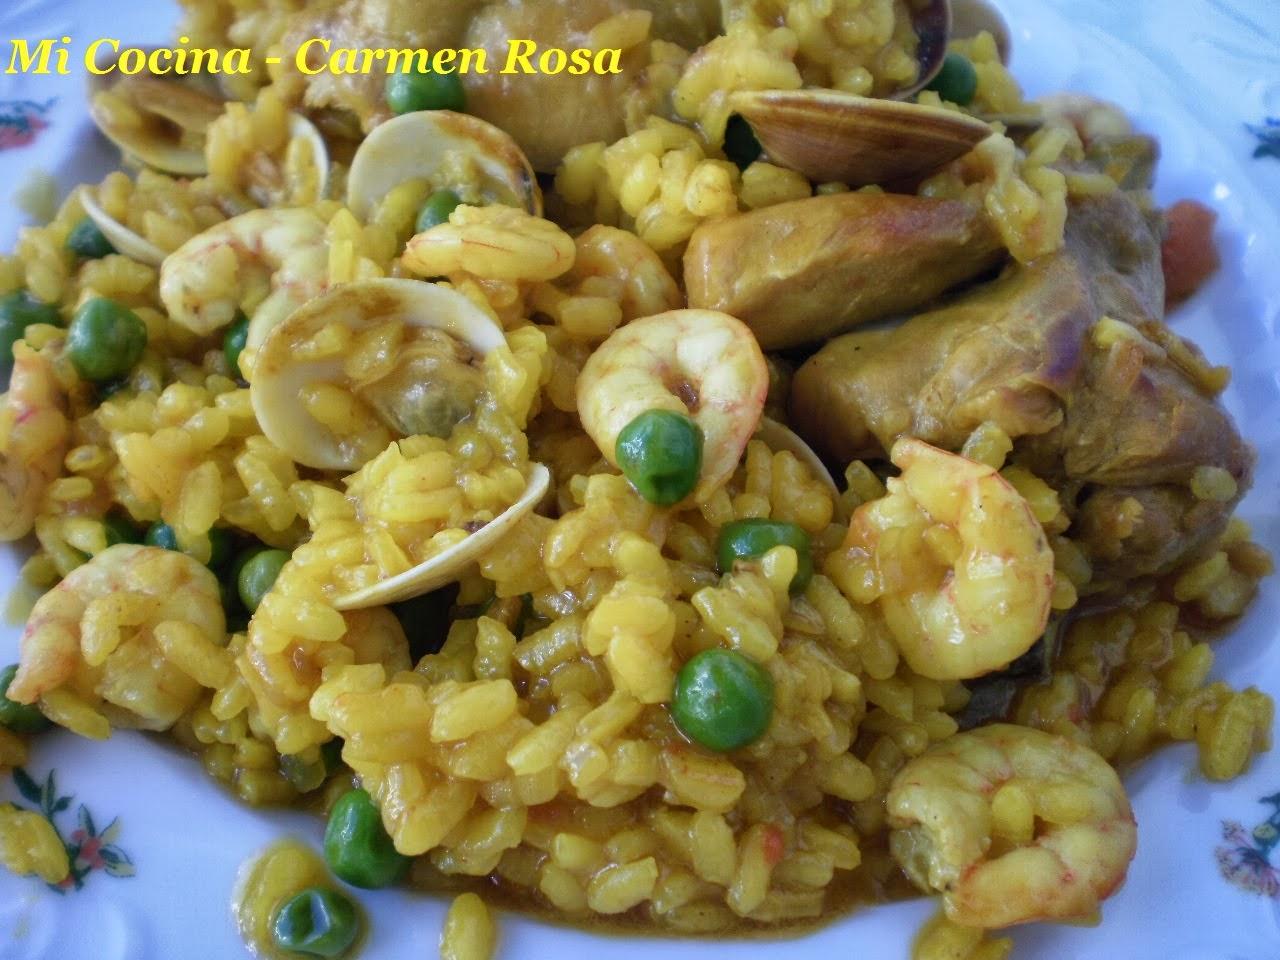 Paella De Arroz Con Pollo Campro Almejas Y Gambas Blancas De Malaga Saboramalaga De Cocina La Opinion De Malaga